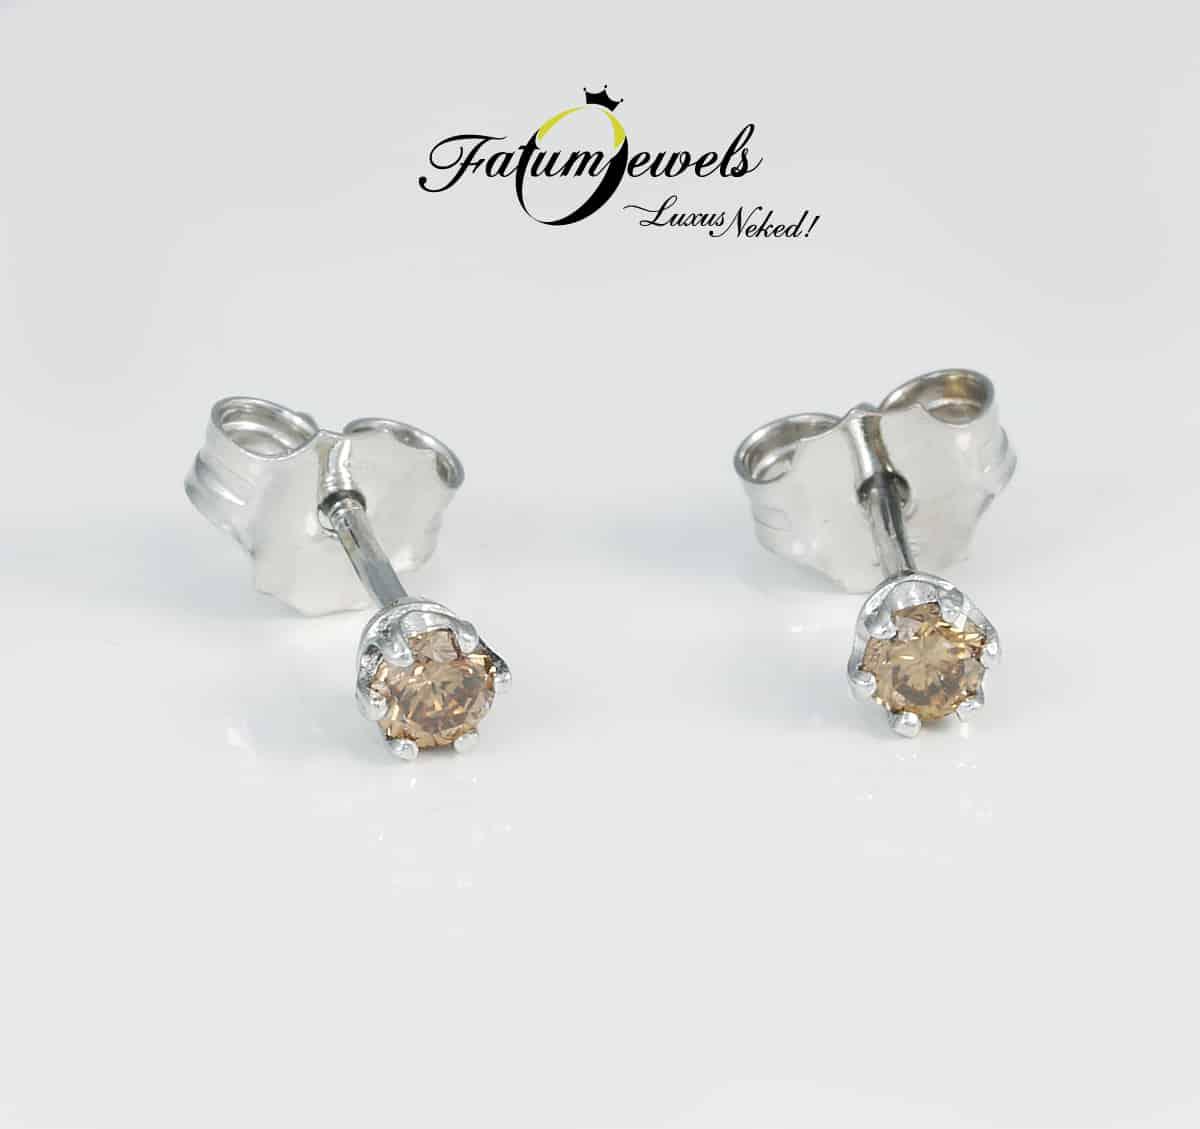 feherarany-konyak-gyemant-fulbevalo-fr759-konyak-gyemant